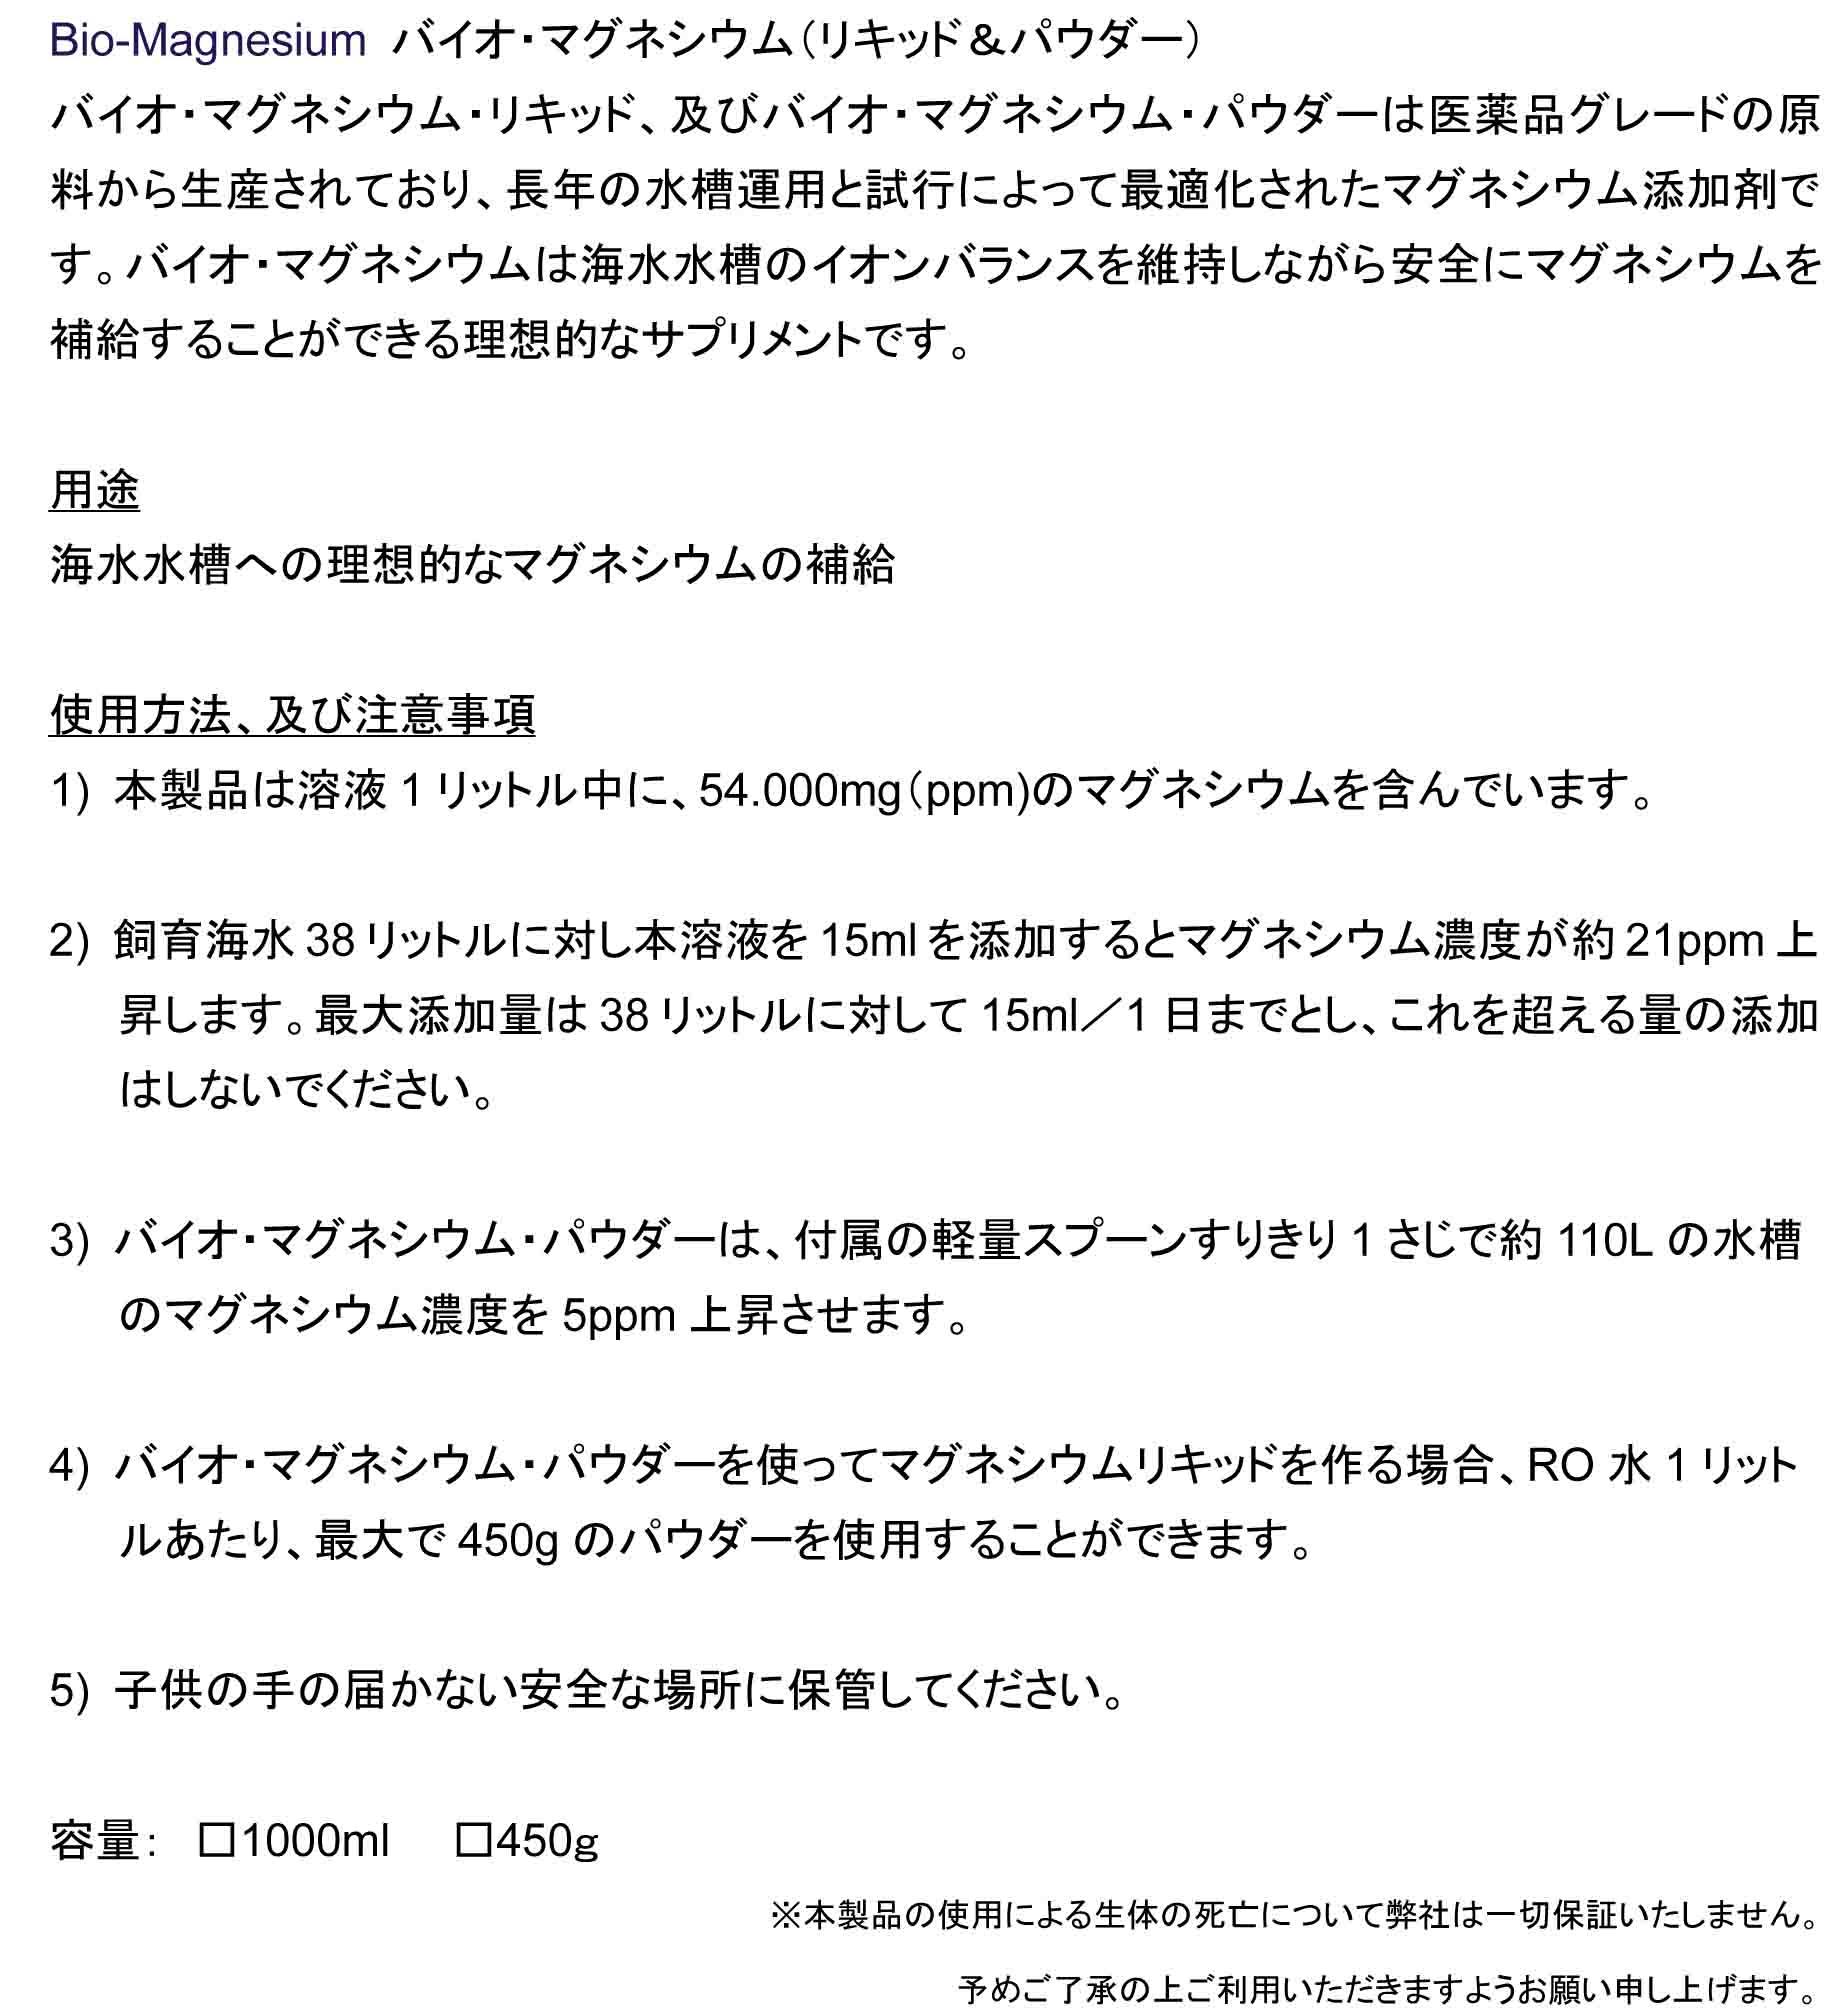 説明書-14Bio-Magnesium バイオ・マグネシウム(リキッド&パウダー).jpg